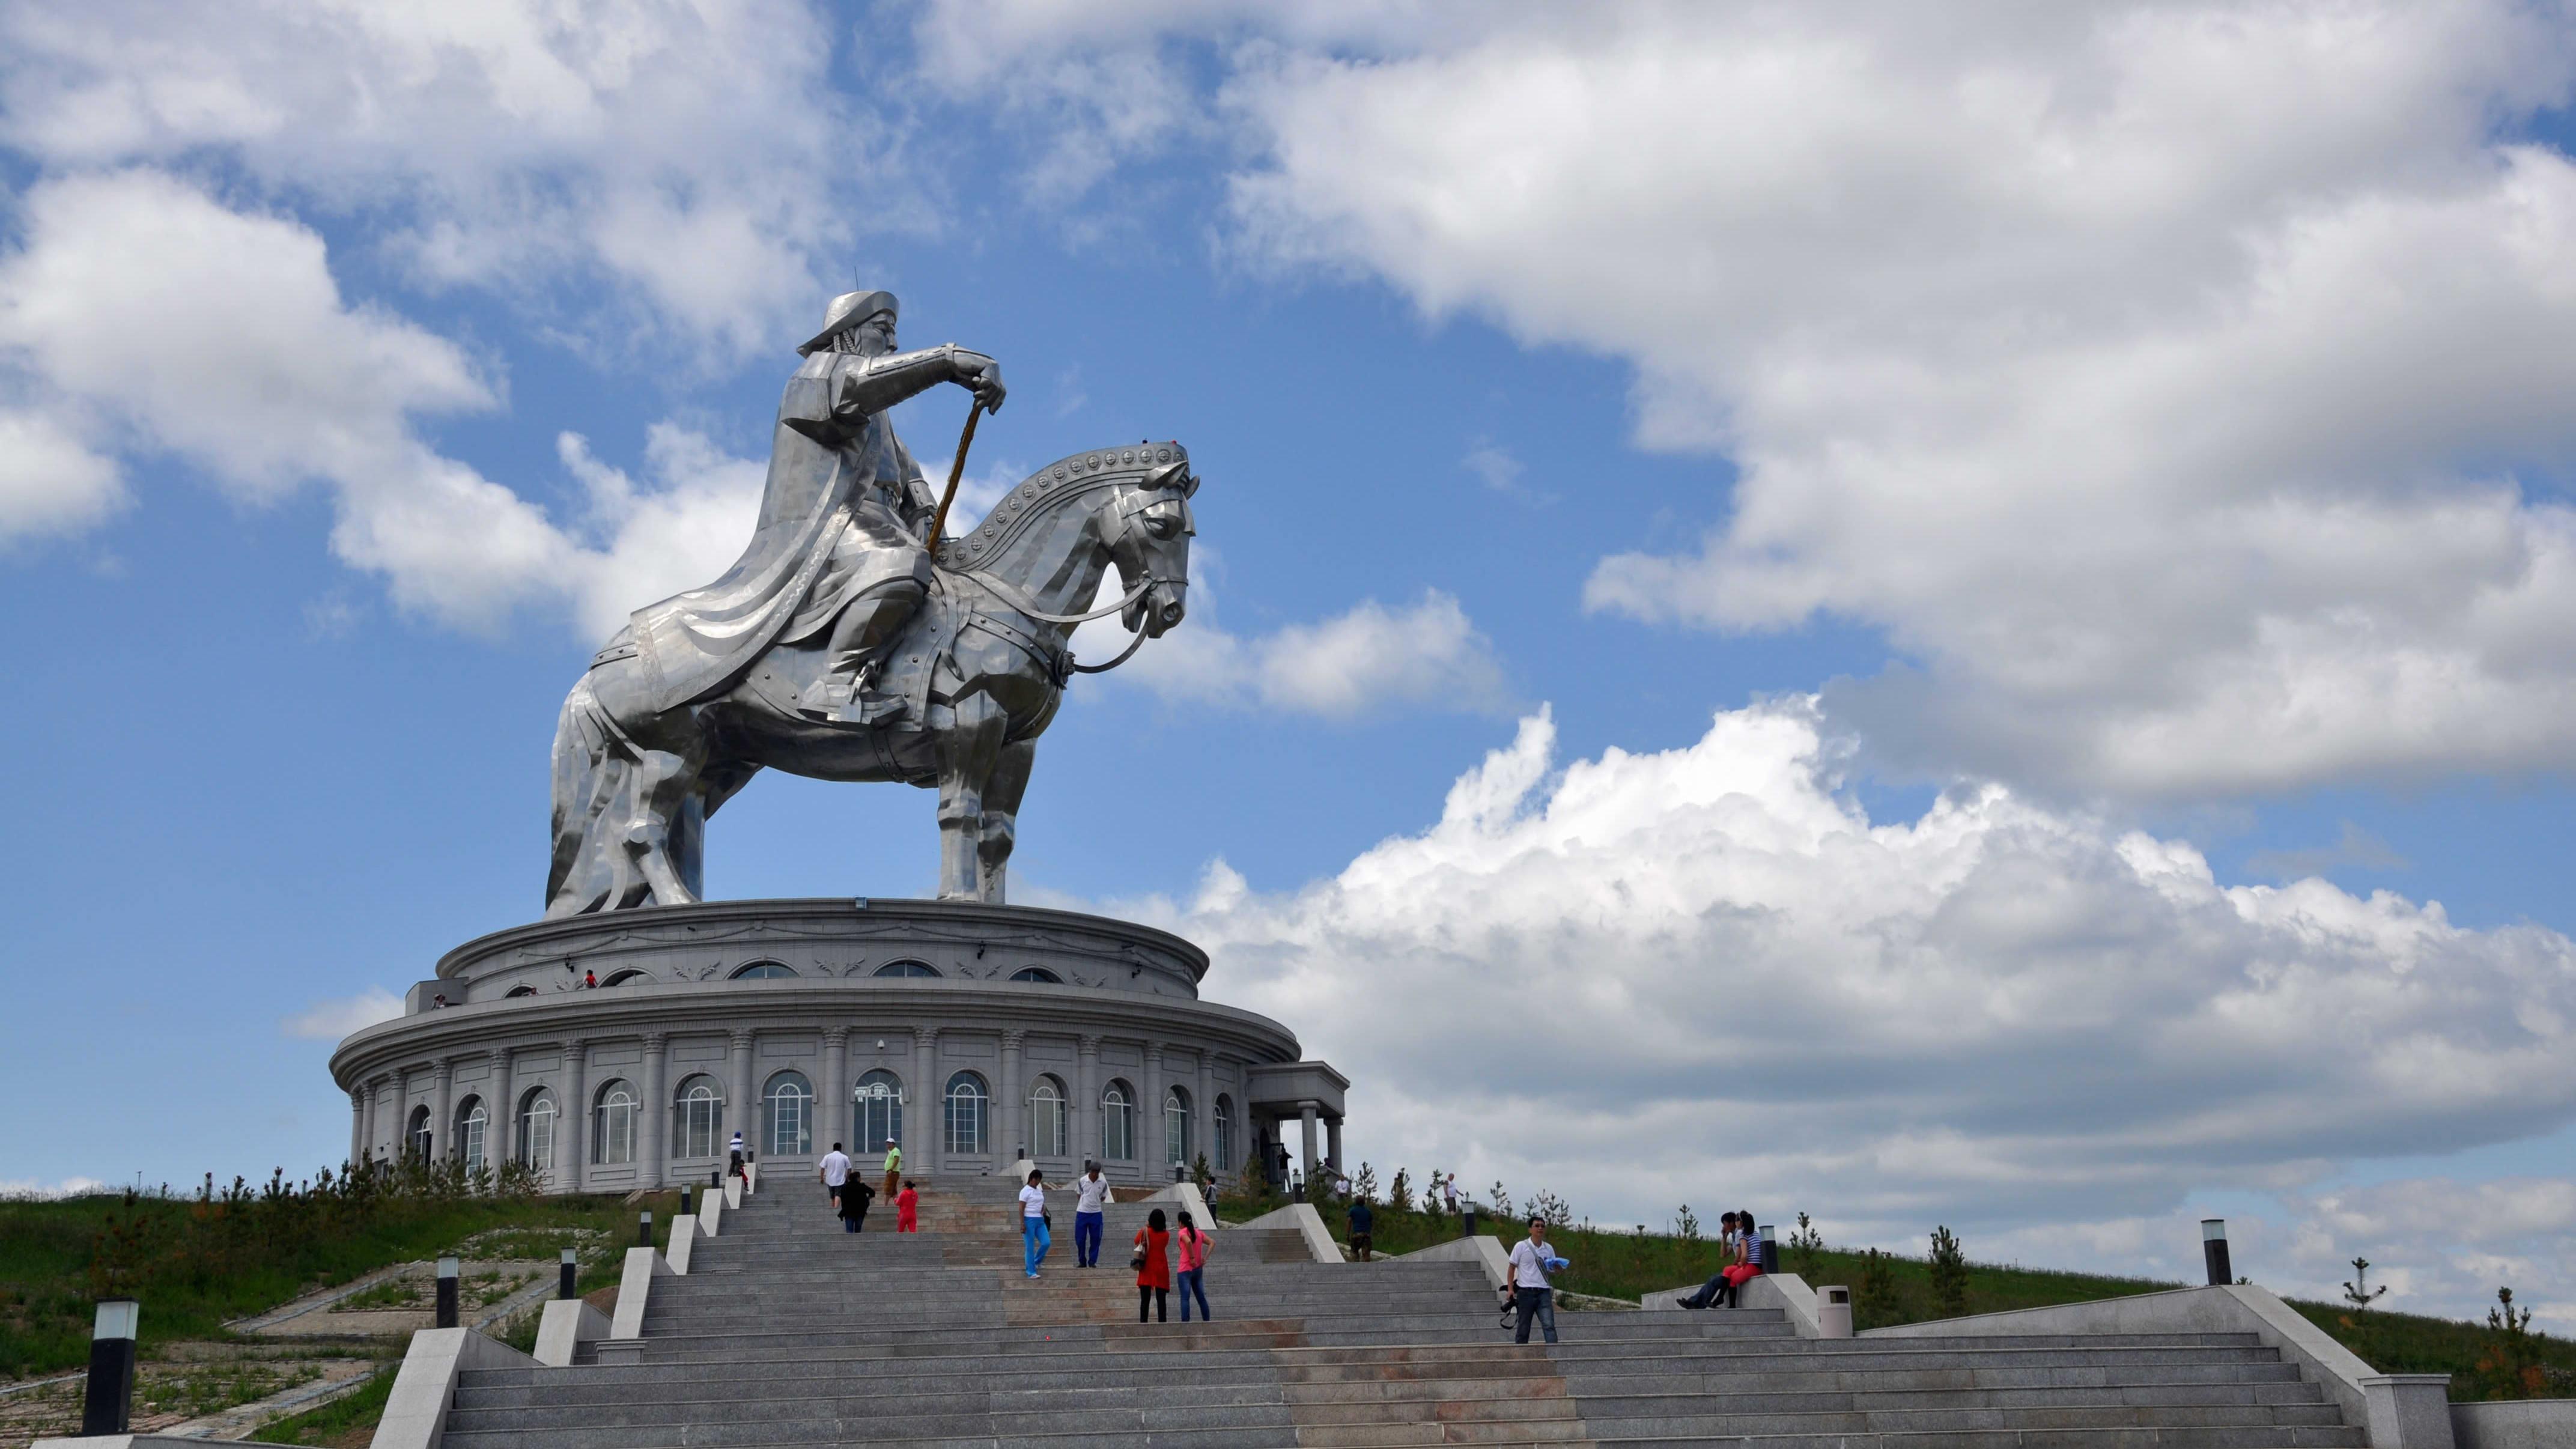 Mongolian valtakunnan perustajan Tšingis-kaanin kunniaksi rakennettu 30-metrinen patsas valmistui vuonna 2008. Se sijaitsee noin 54 kilometriä itään Mongolian pääkaupungista Ulaanbaatarista.